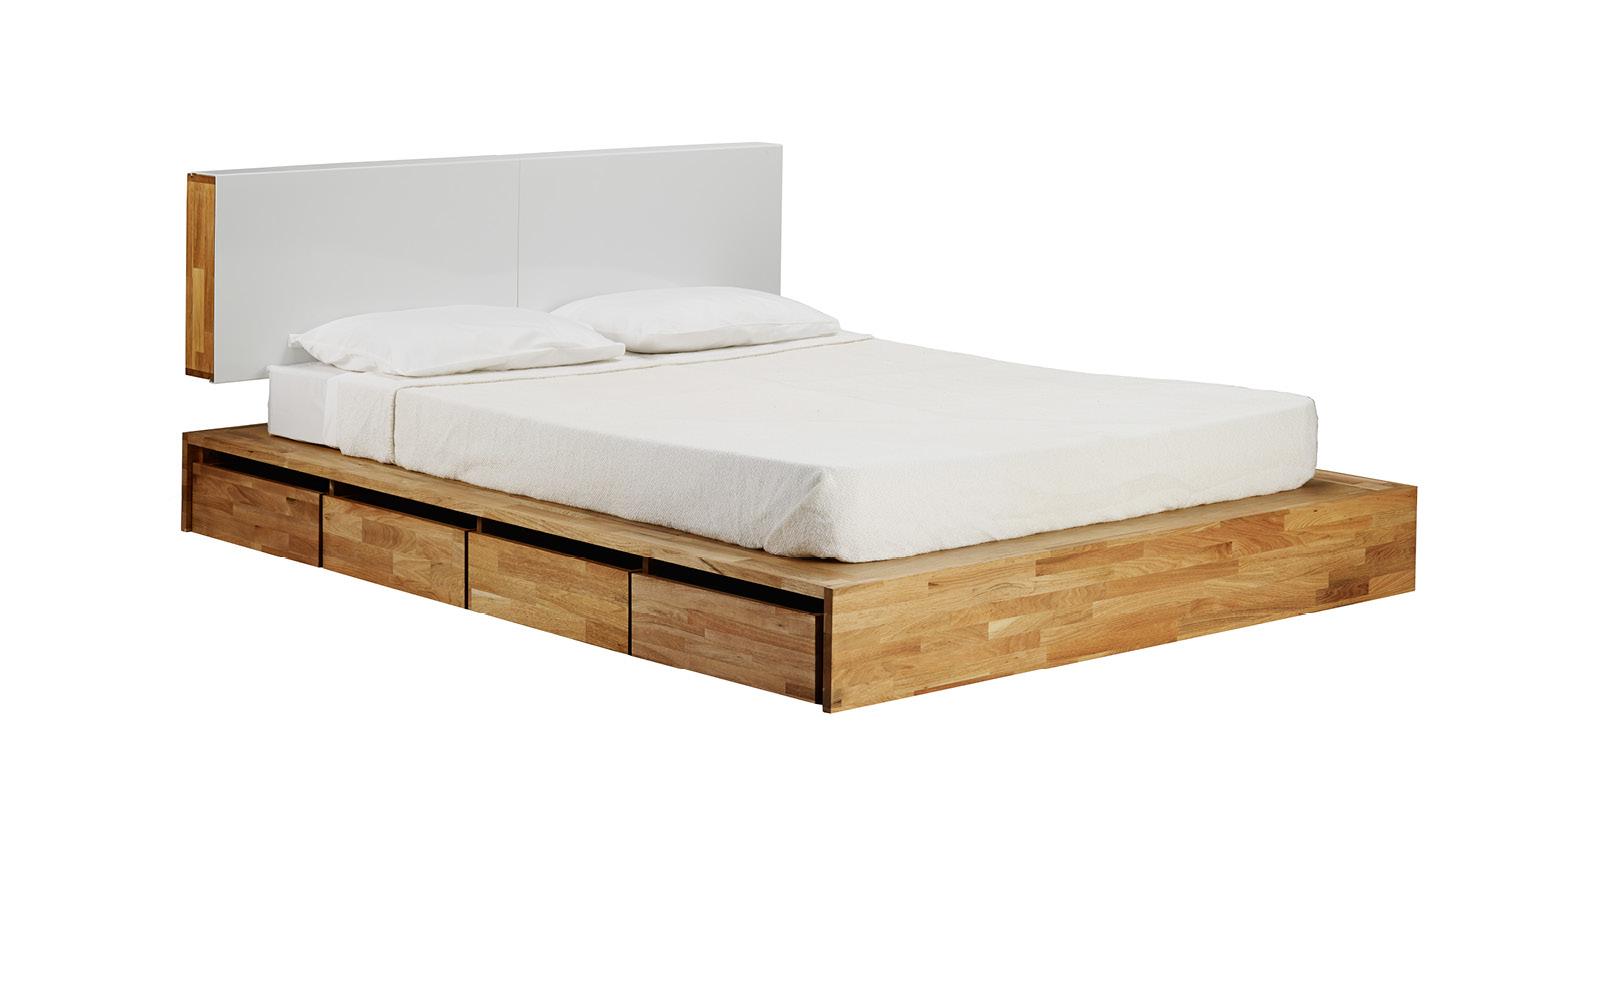 Storage bed laxseries storage bed LRWBAMF